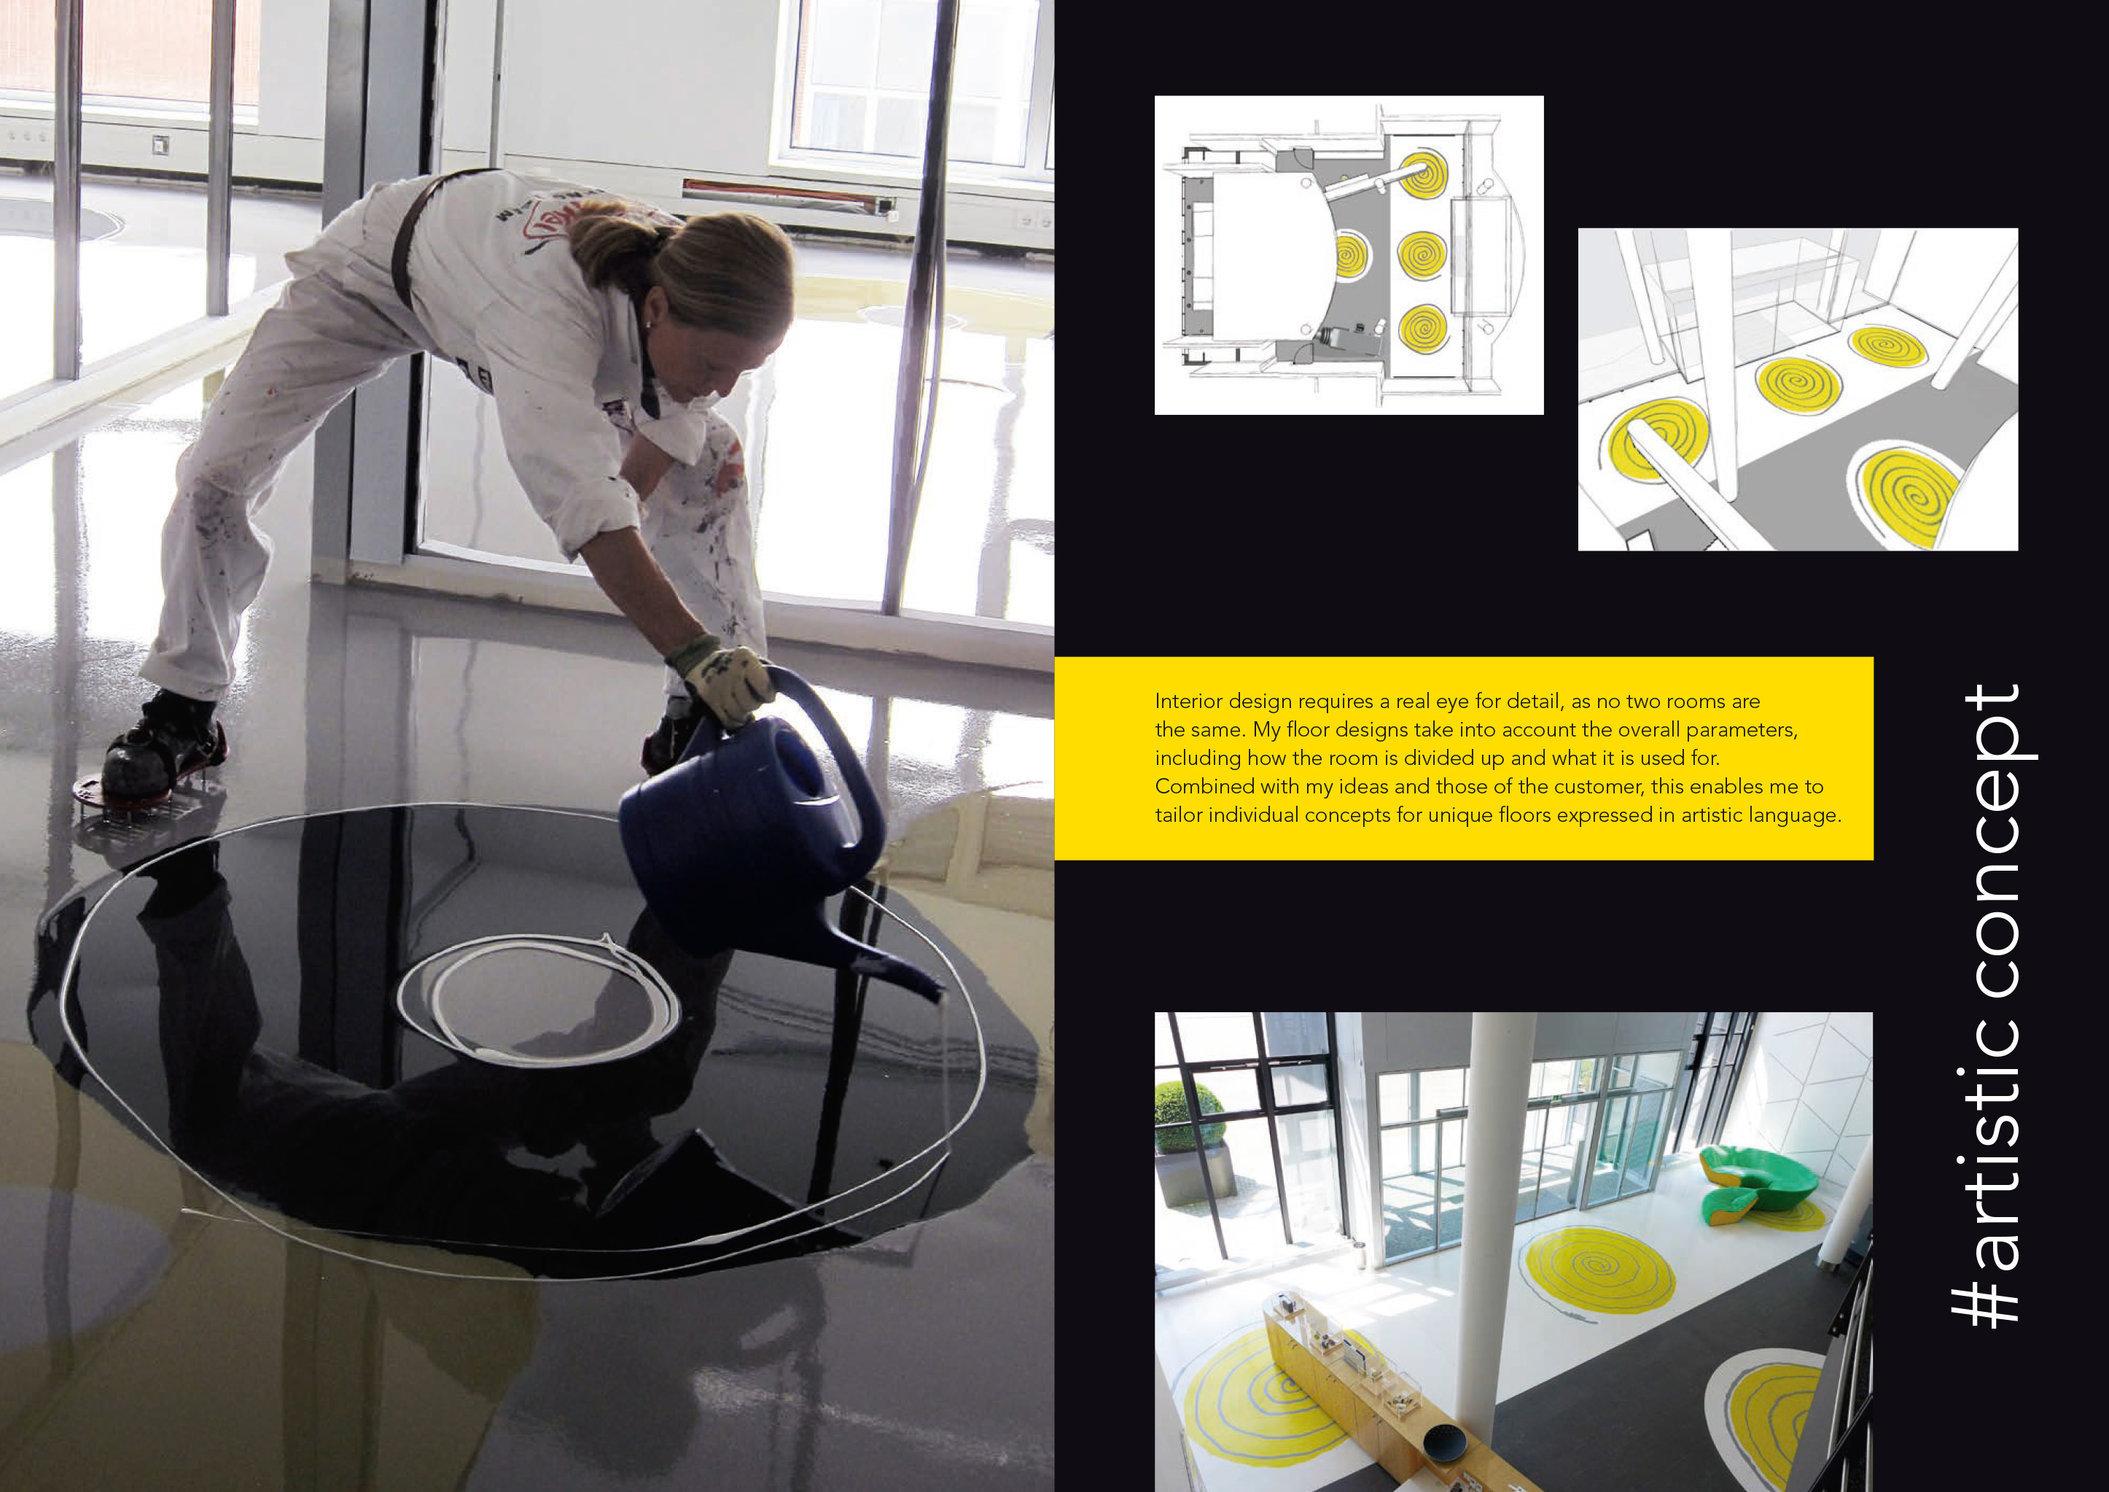 broschüre_artonfloor 4.jpg